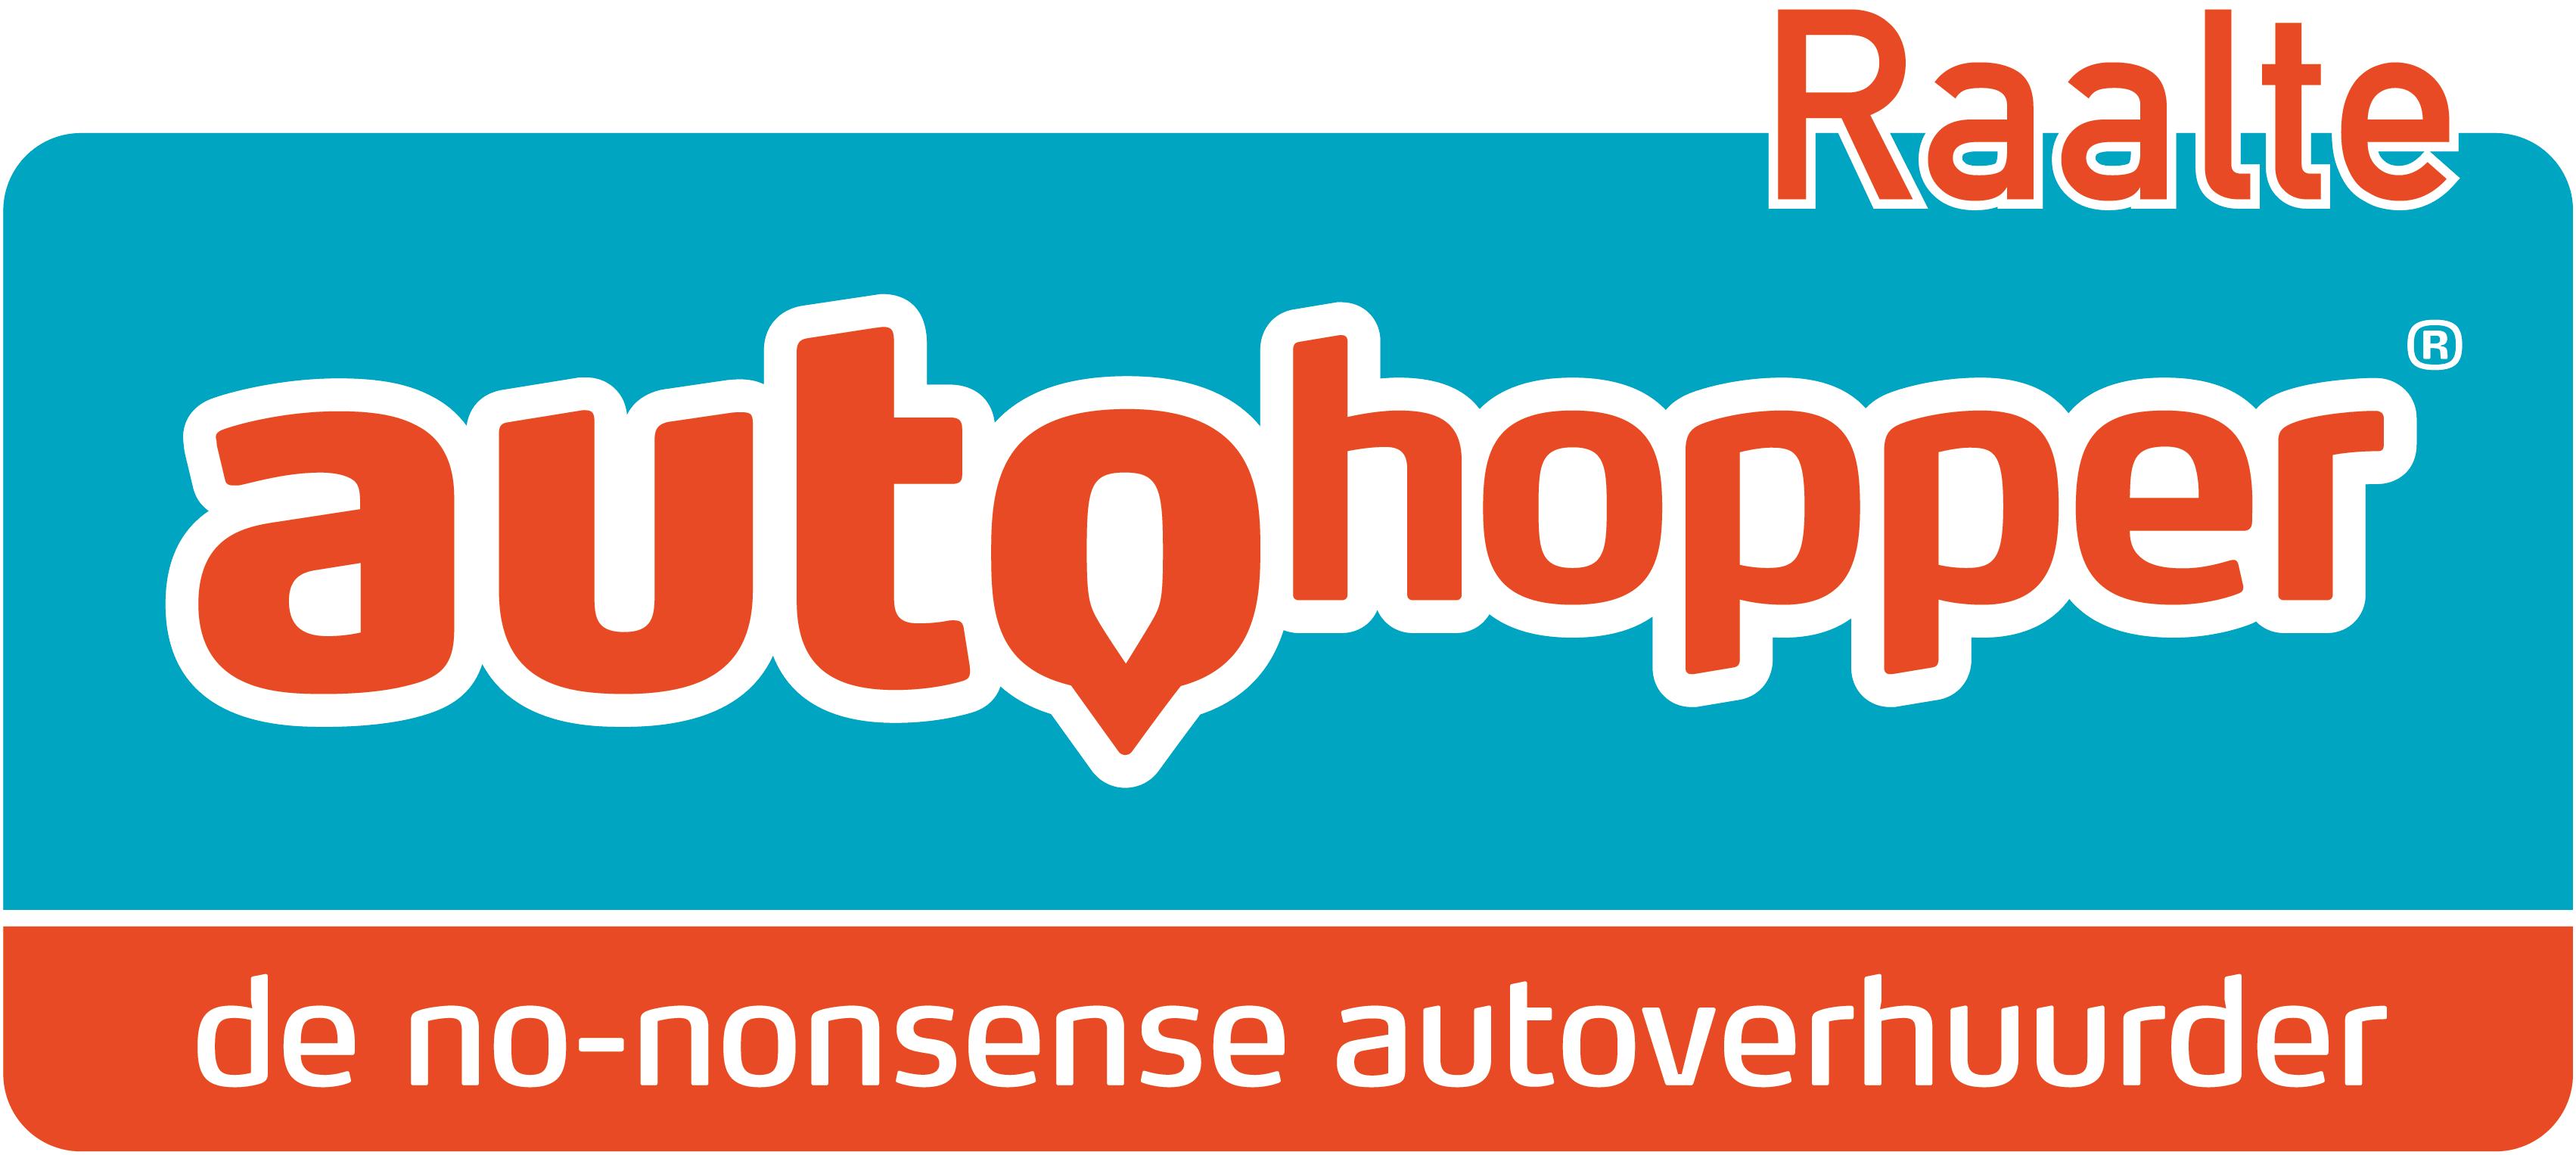 Autohopper autoverhuur Raalte